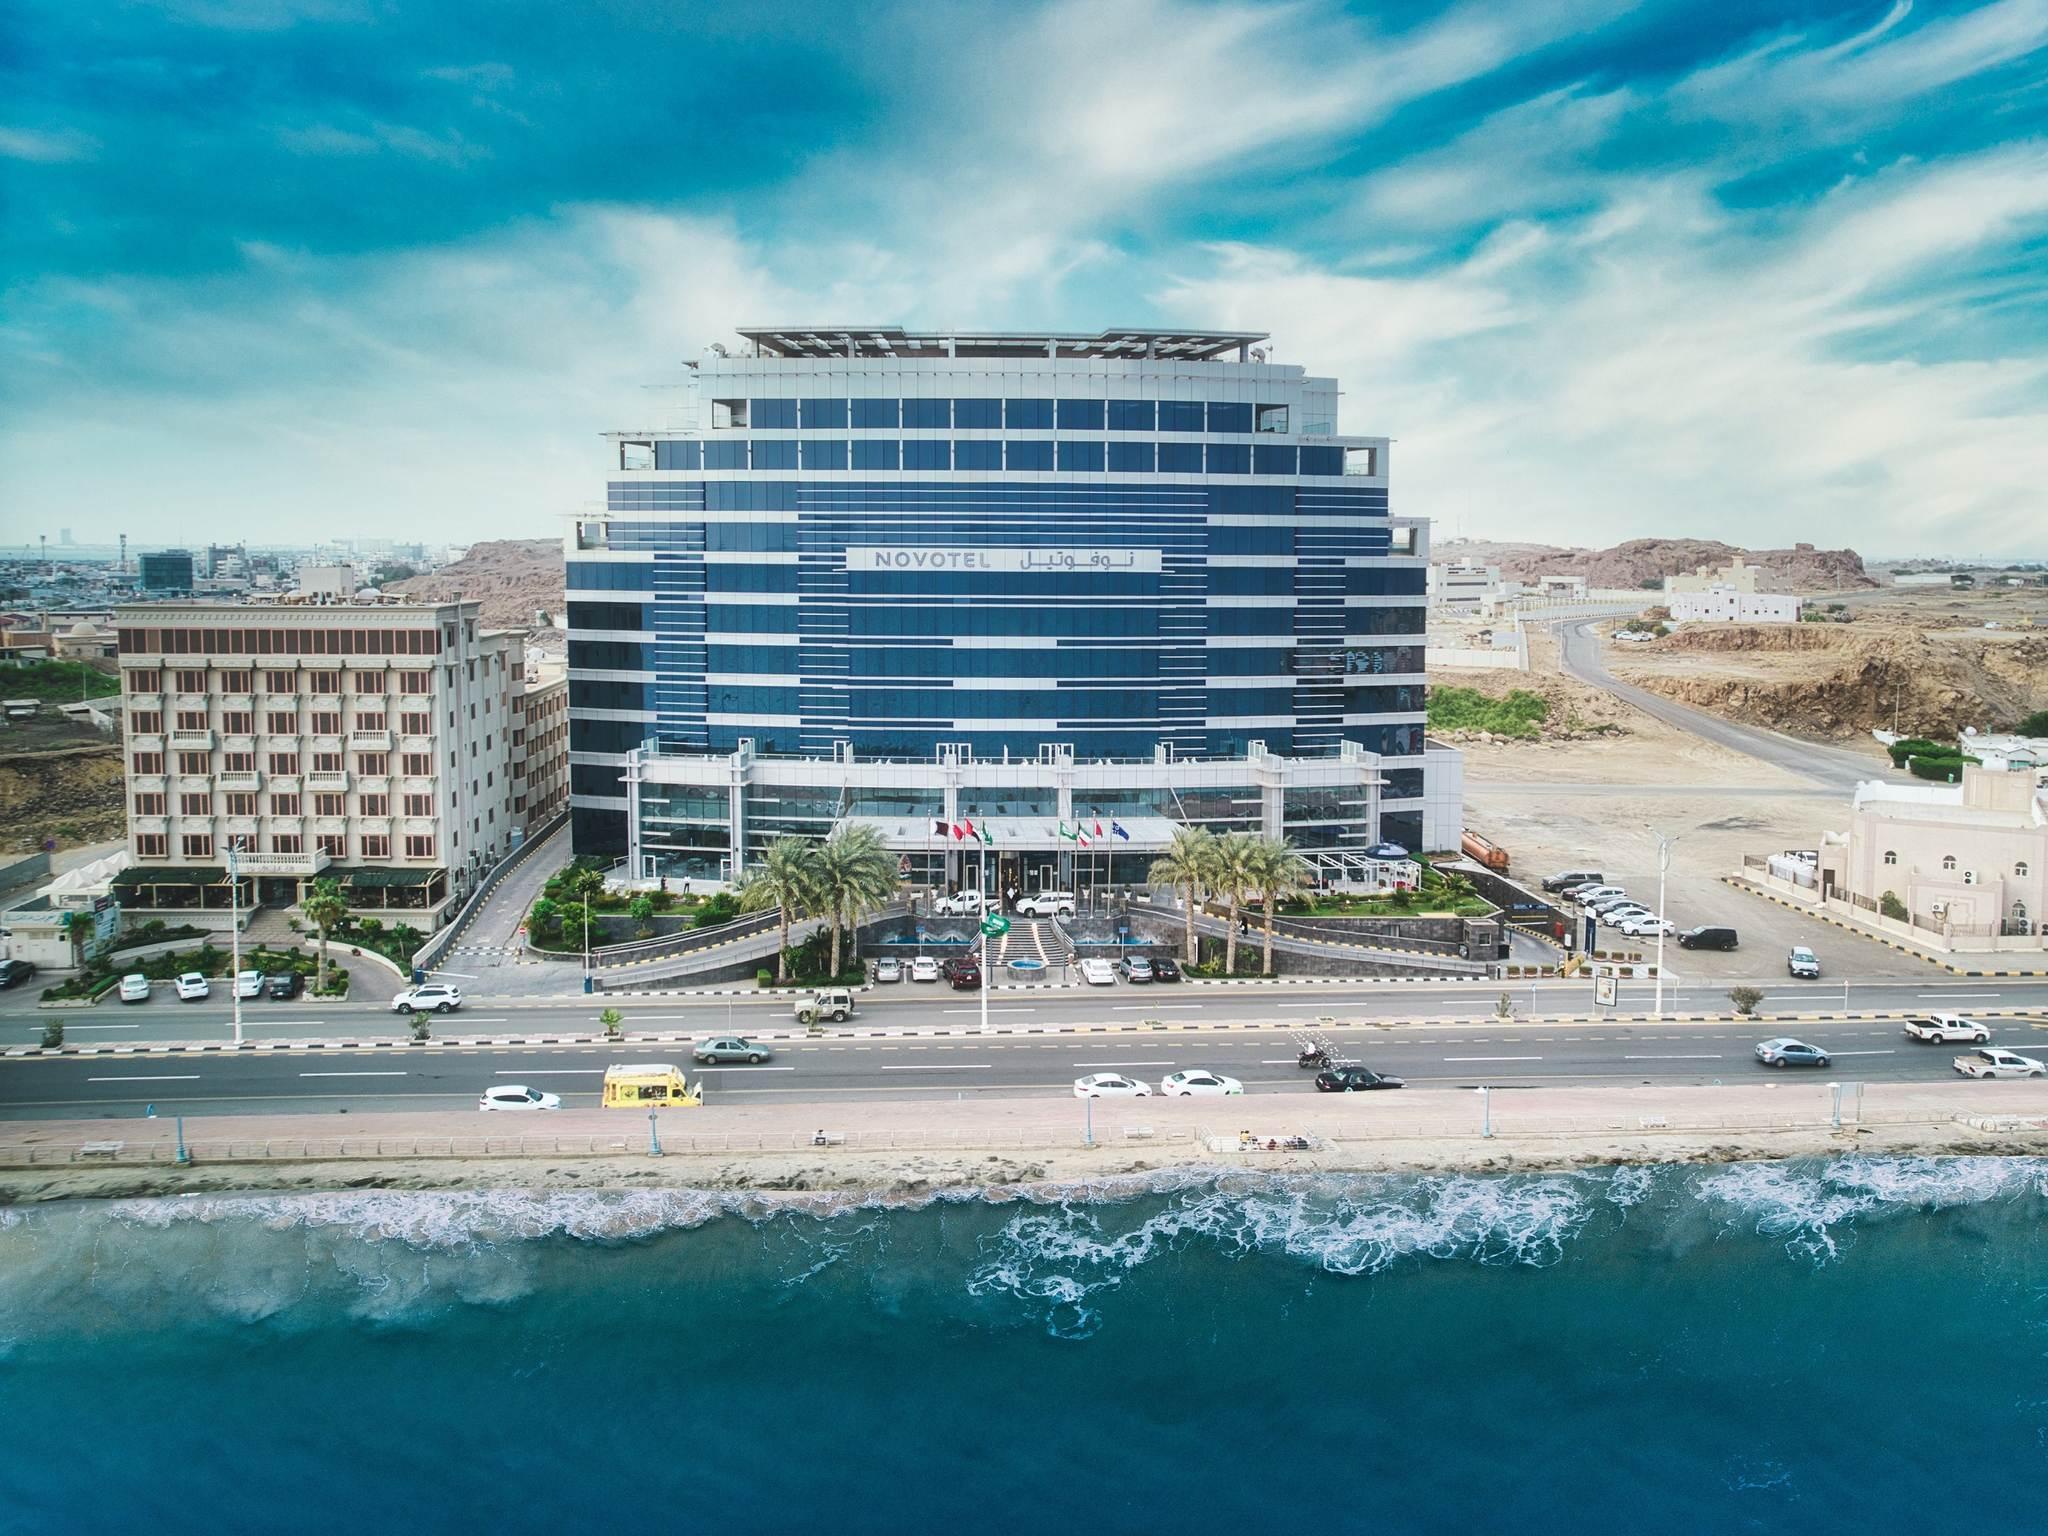 Hotel – Novotel Jazan